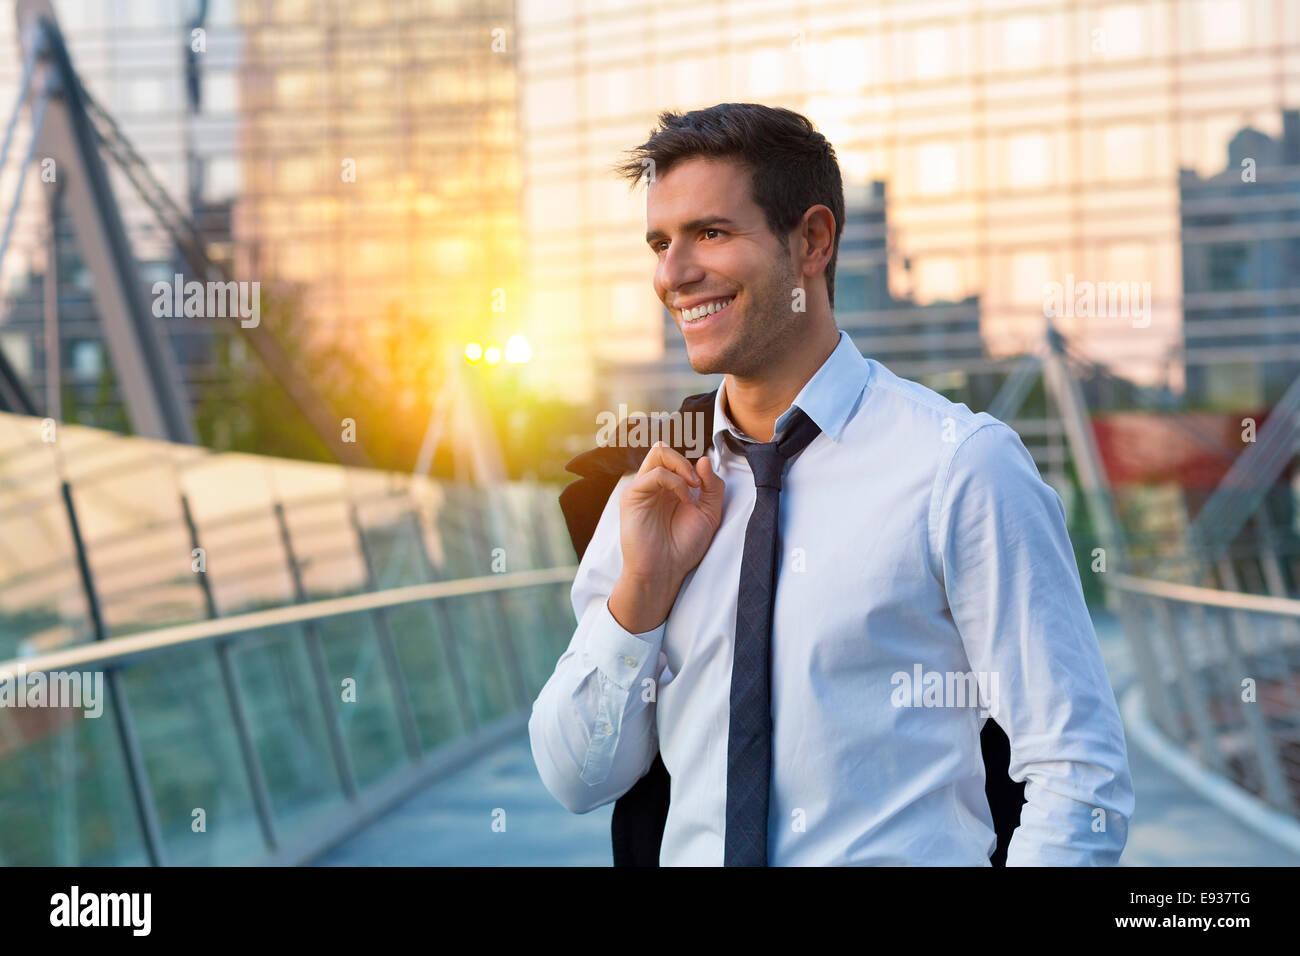 Retrato del hombre de negocios en el distrito financiero Imagen De Stock